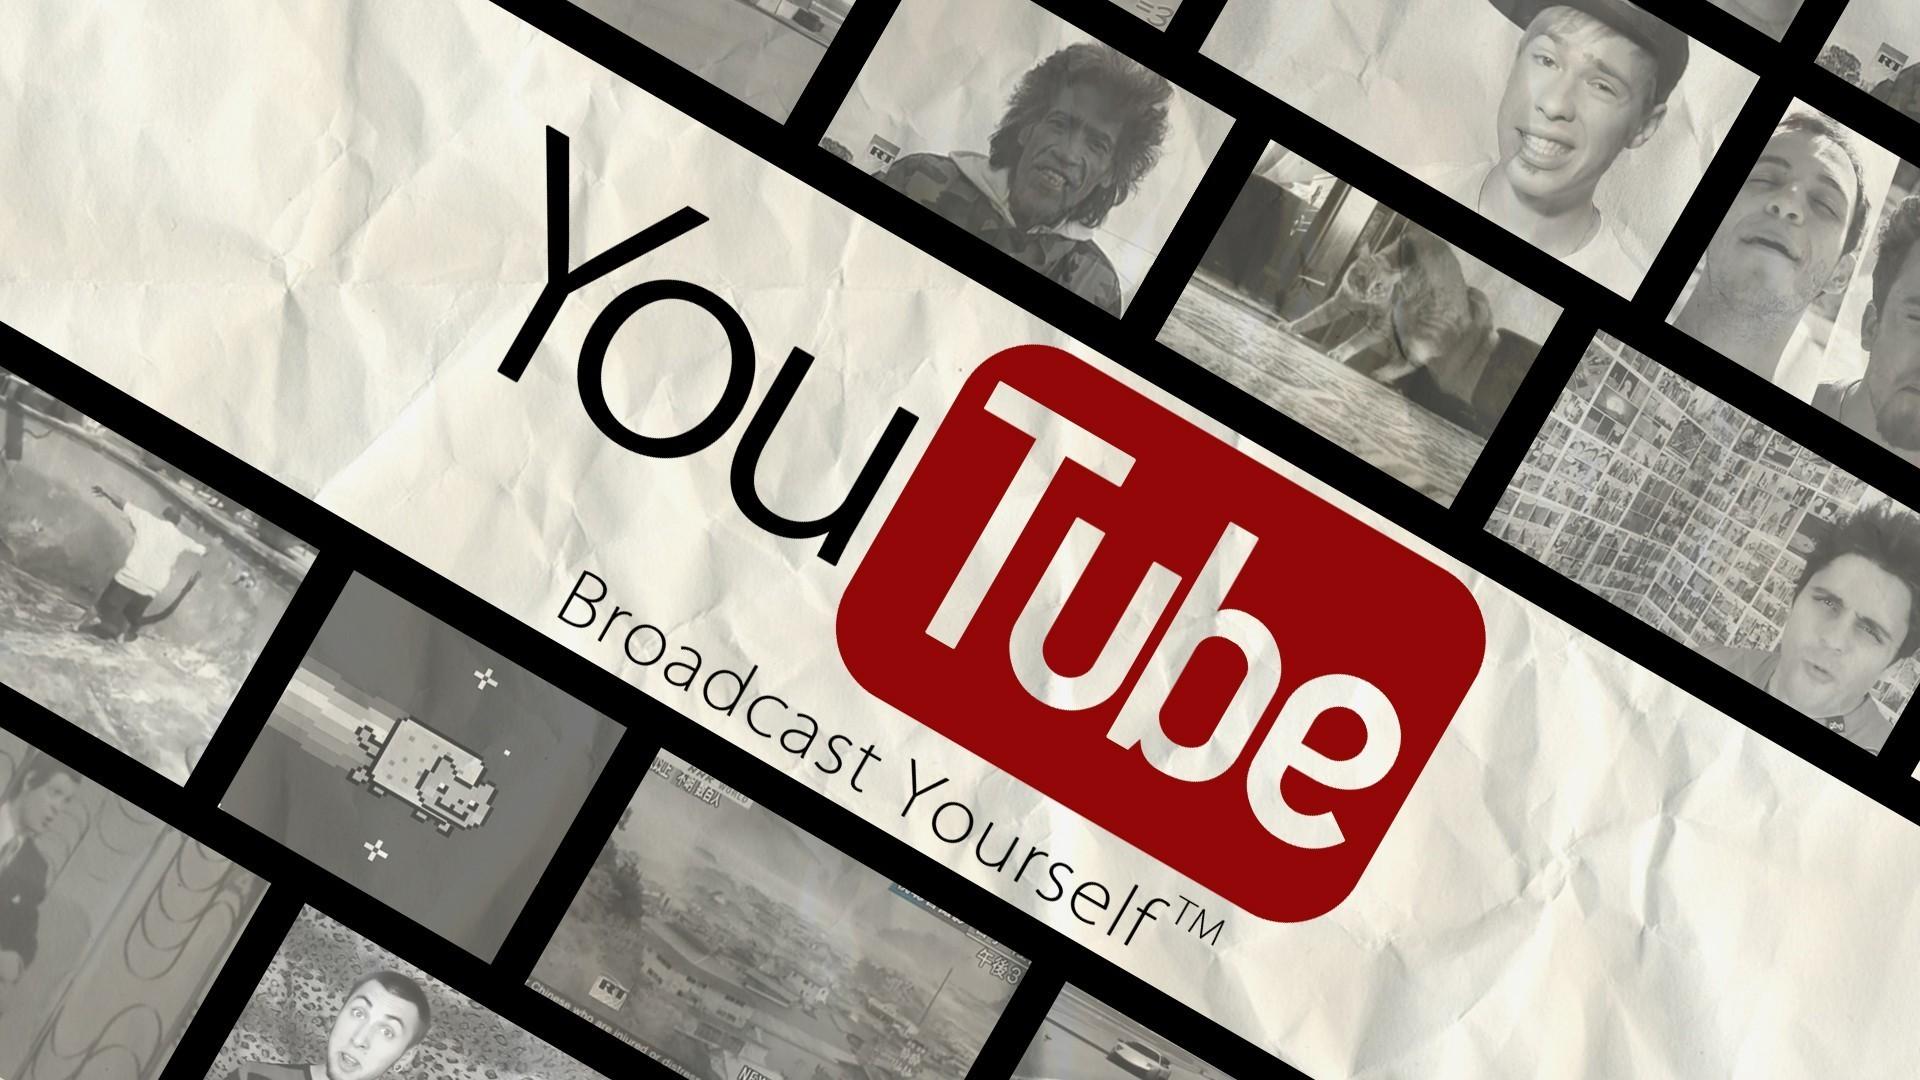 デスクトップ壁紙 白 黒 赤 Youtube 符号 ブランド 形状 設計